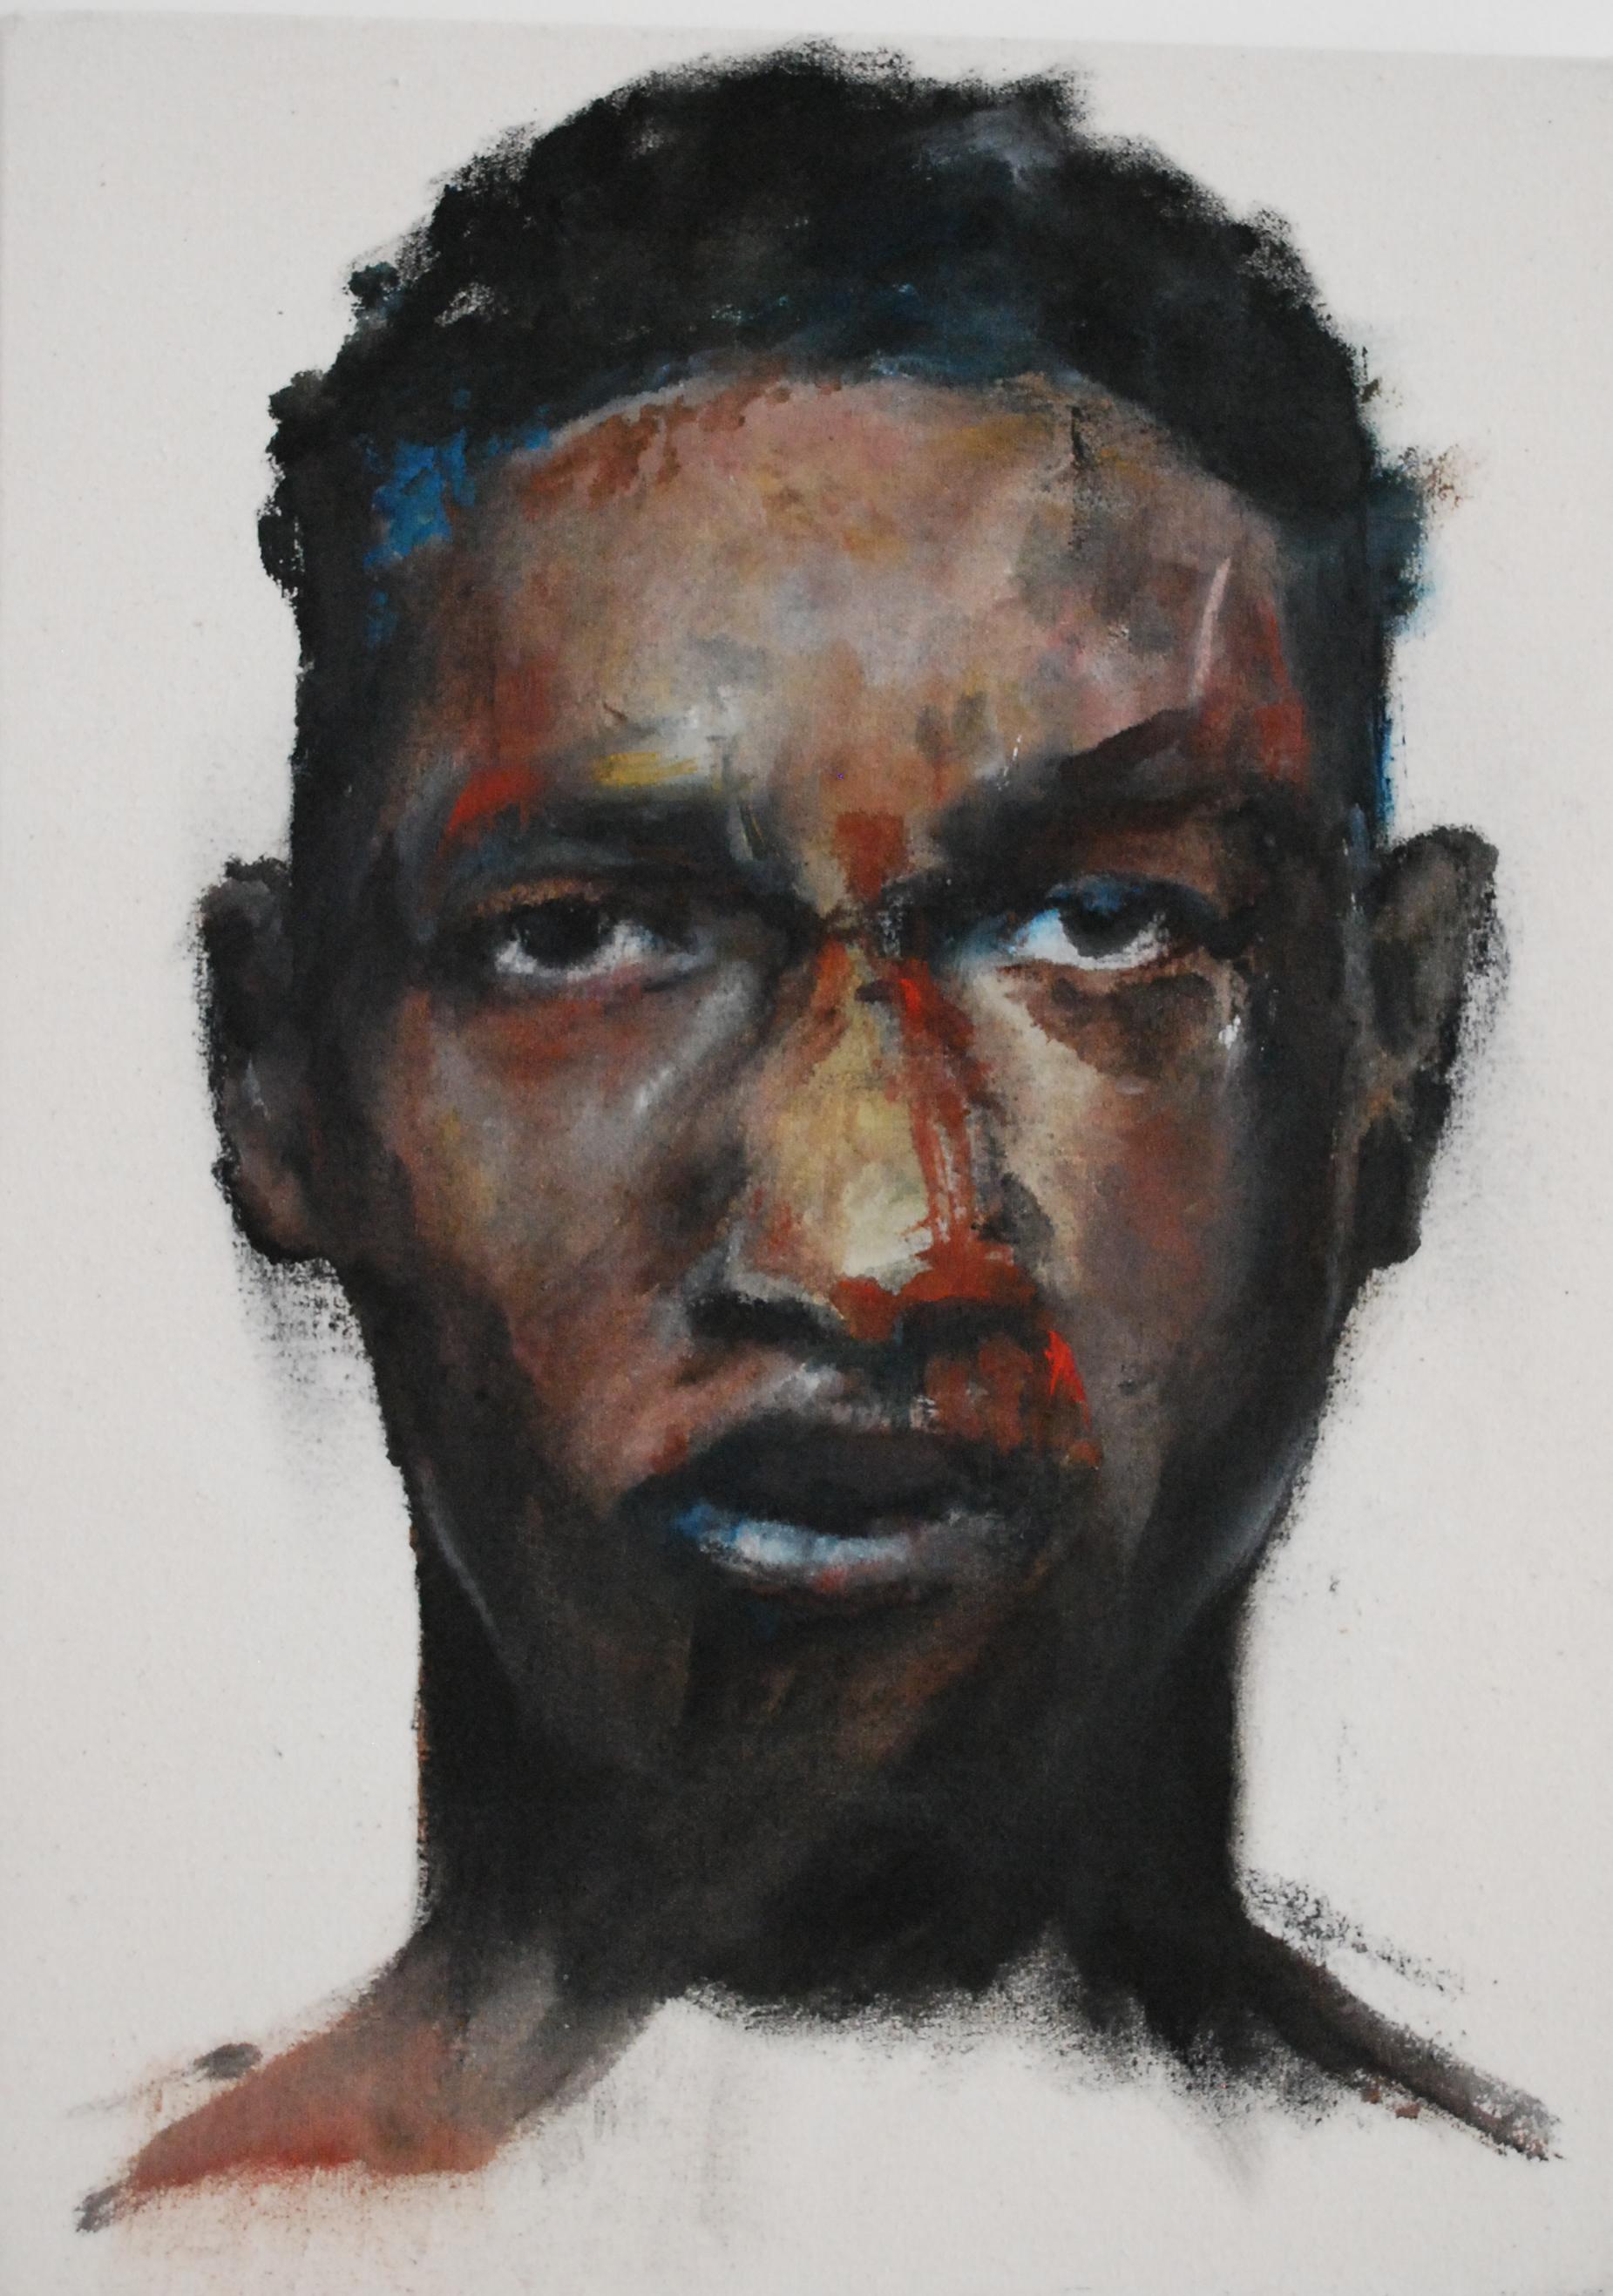 FIGHT, 2019, huile sur toile, 33 x 24 cm